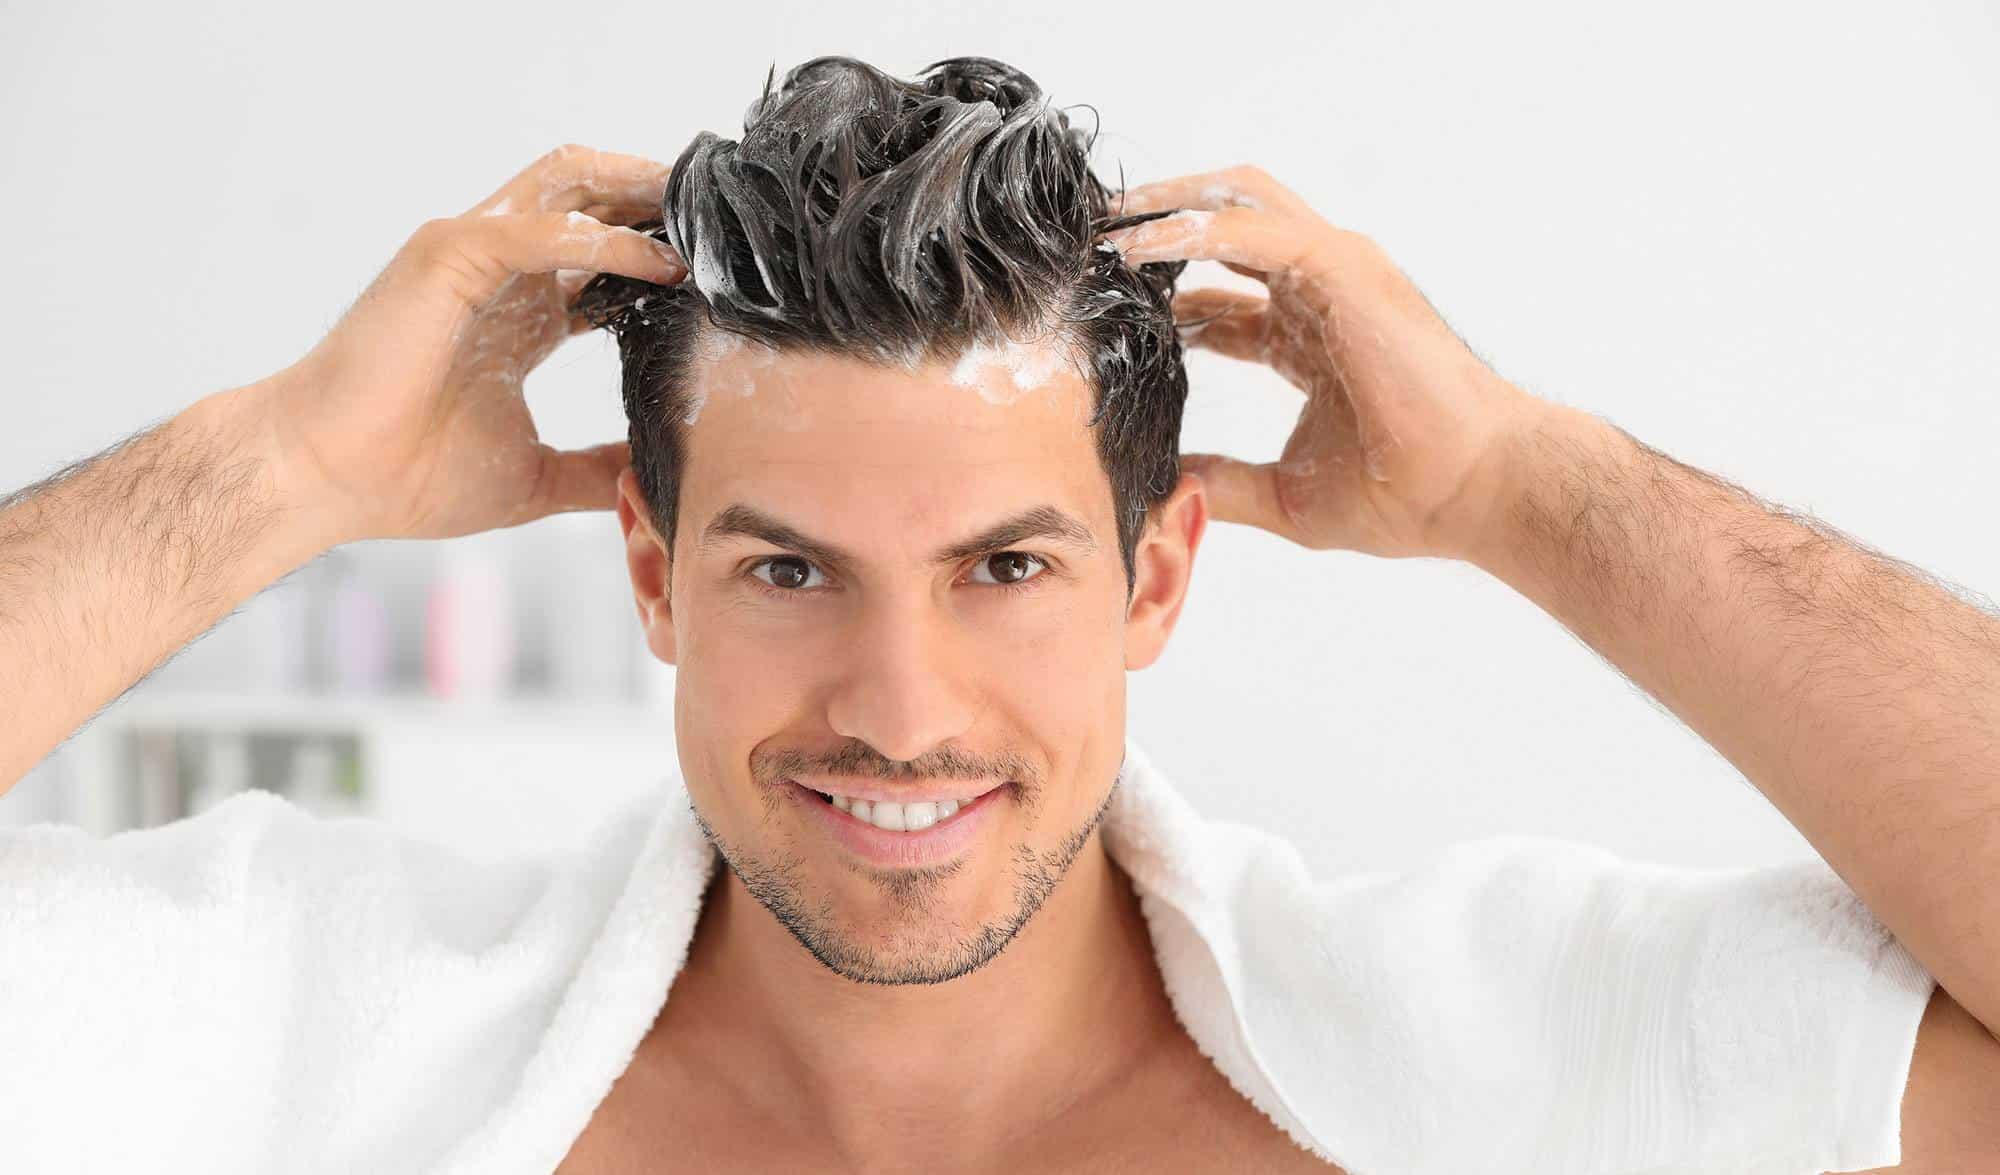 کتوکونازول چیست و چقدر می تواند برای درمان ریزش مو موثر باشد؟